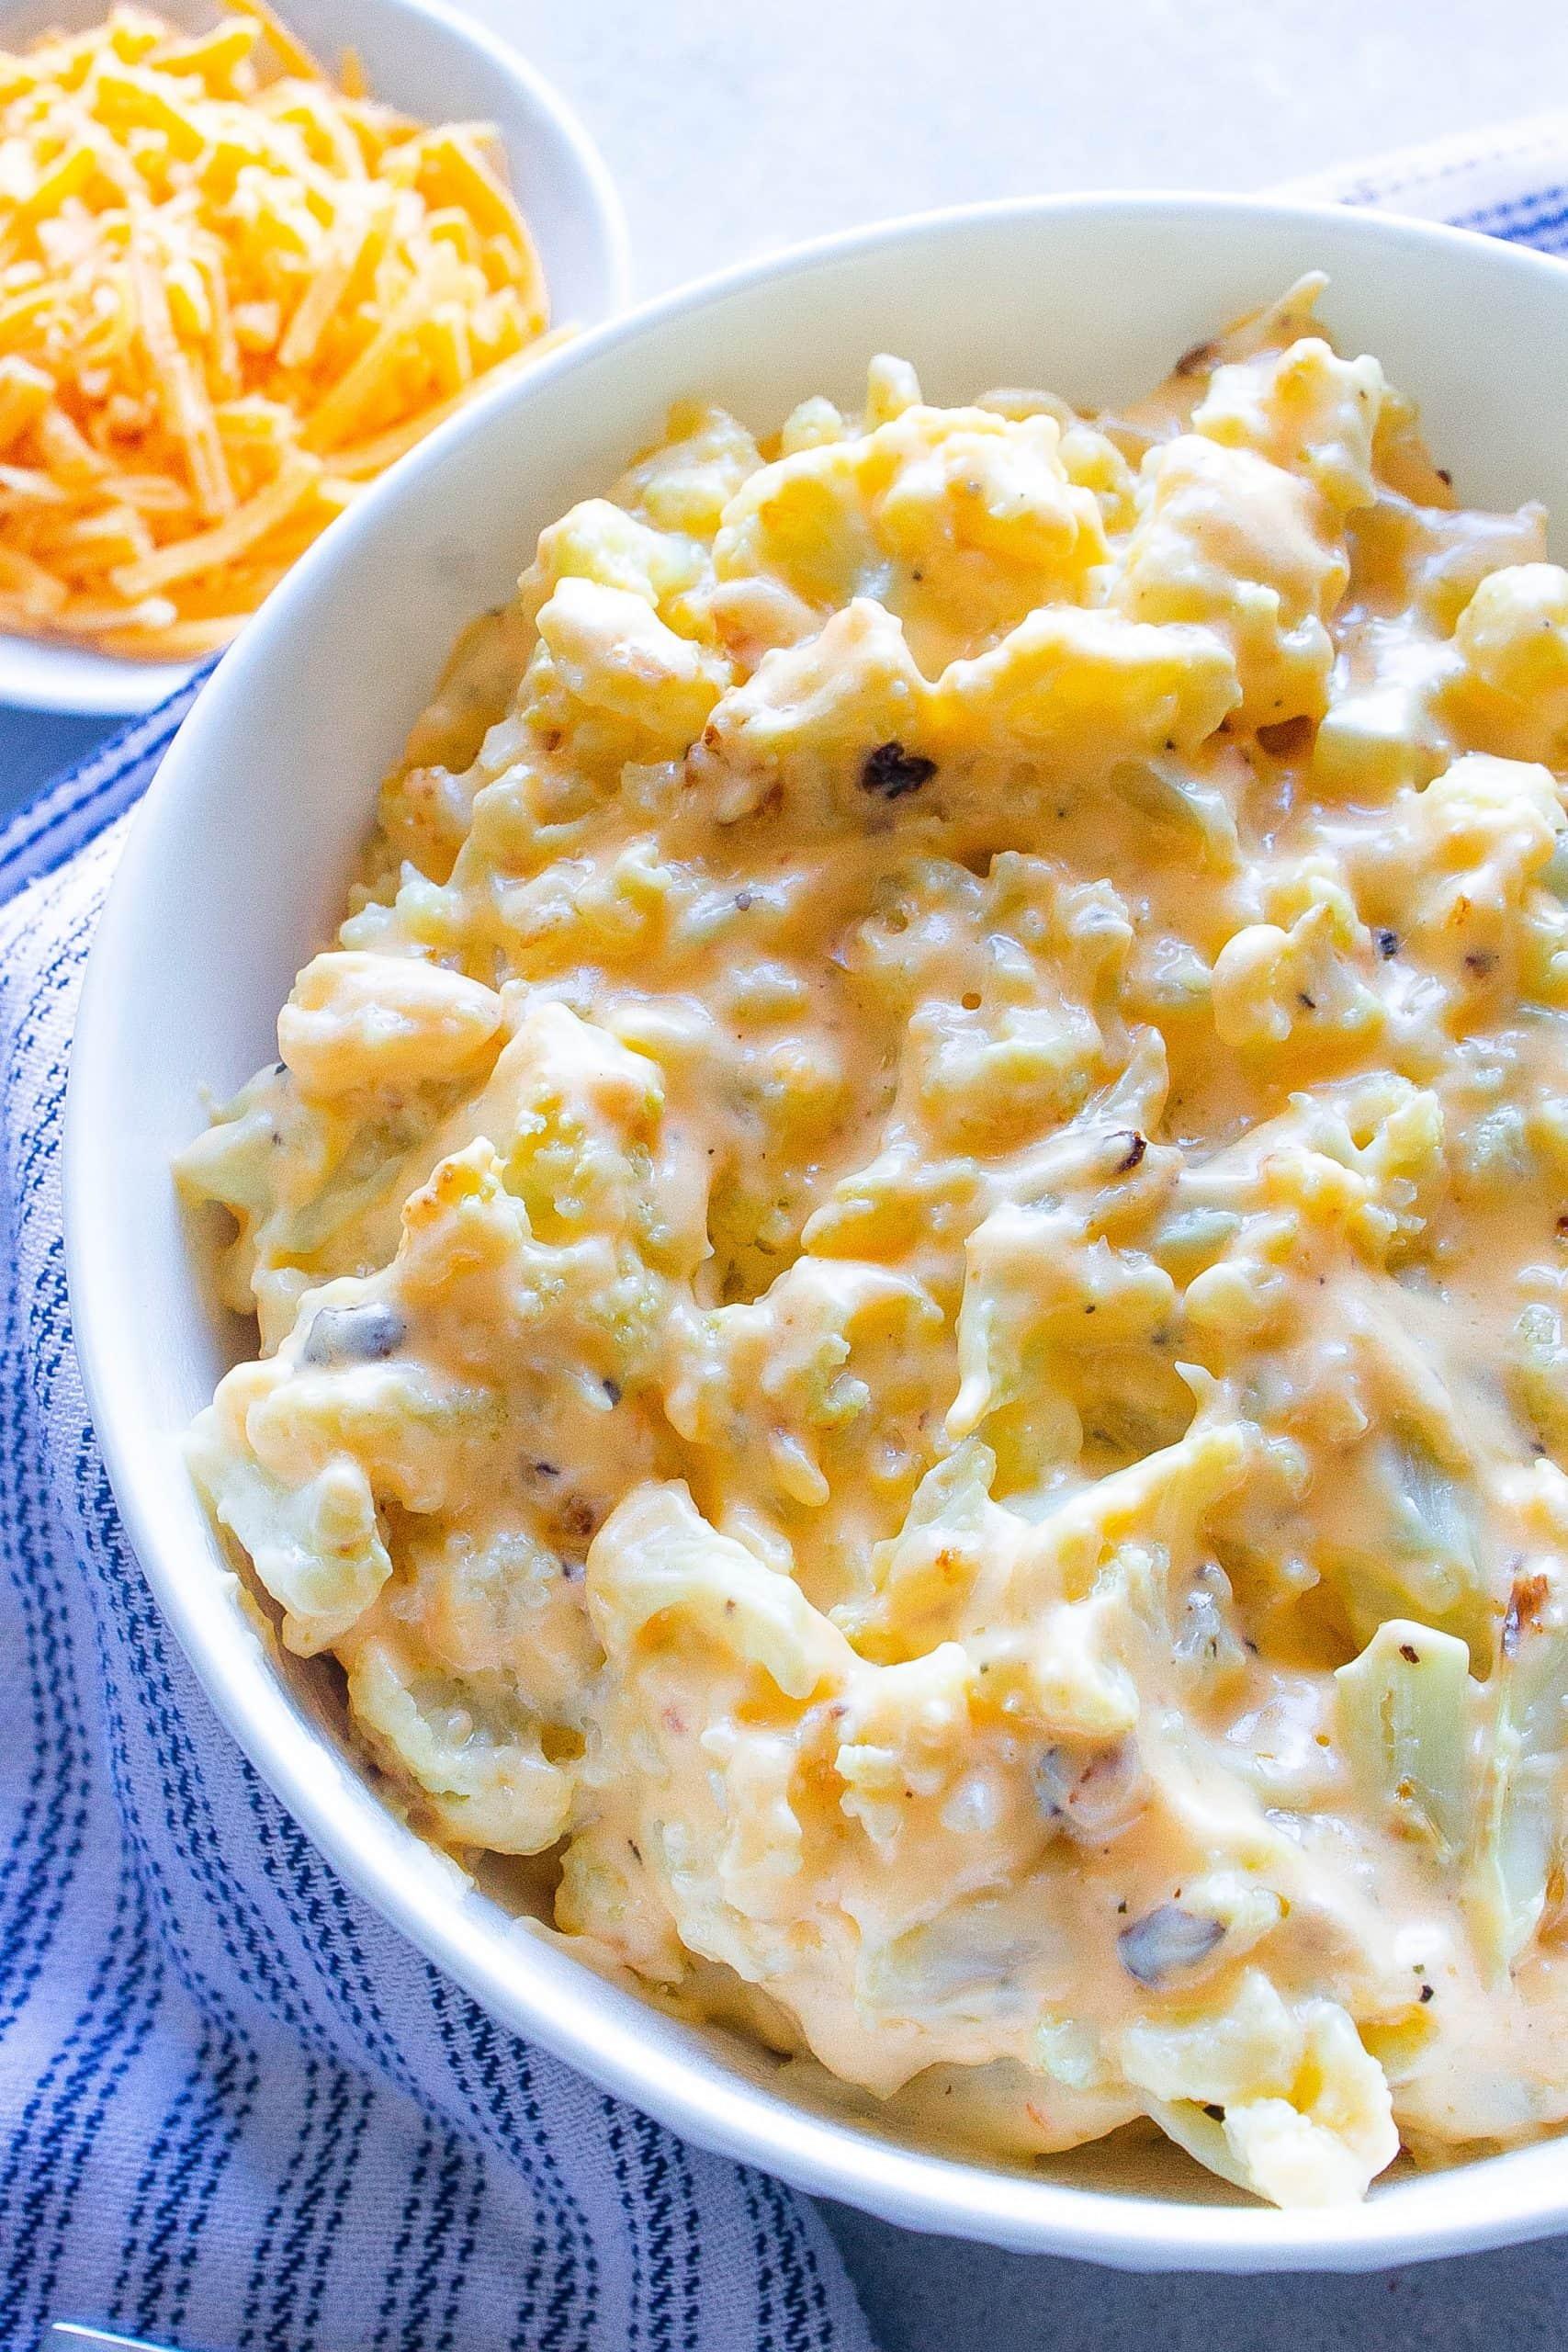 The Best Cauliflower Mac and Cheese